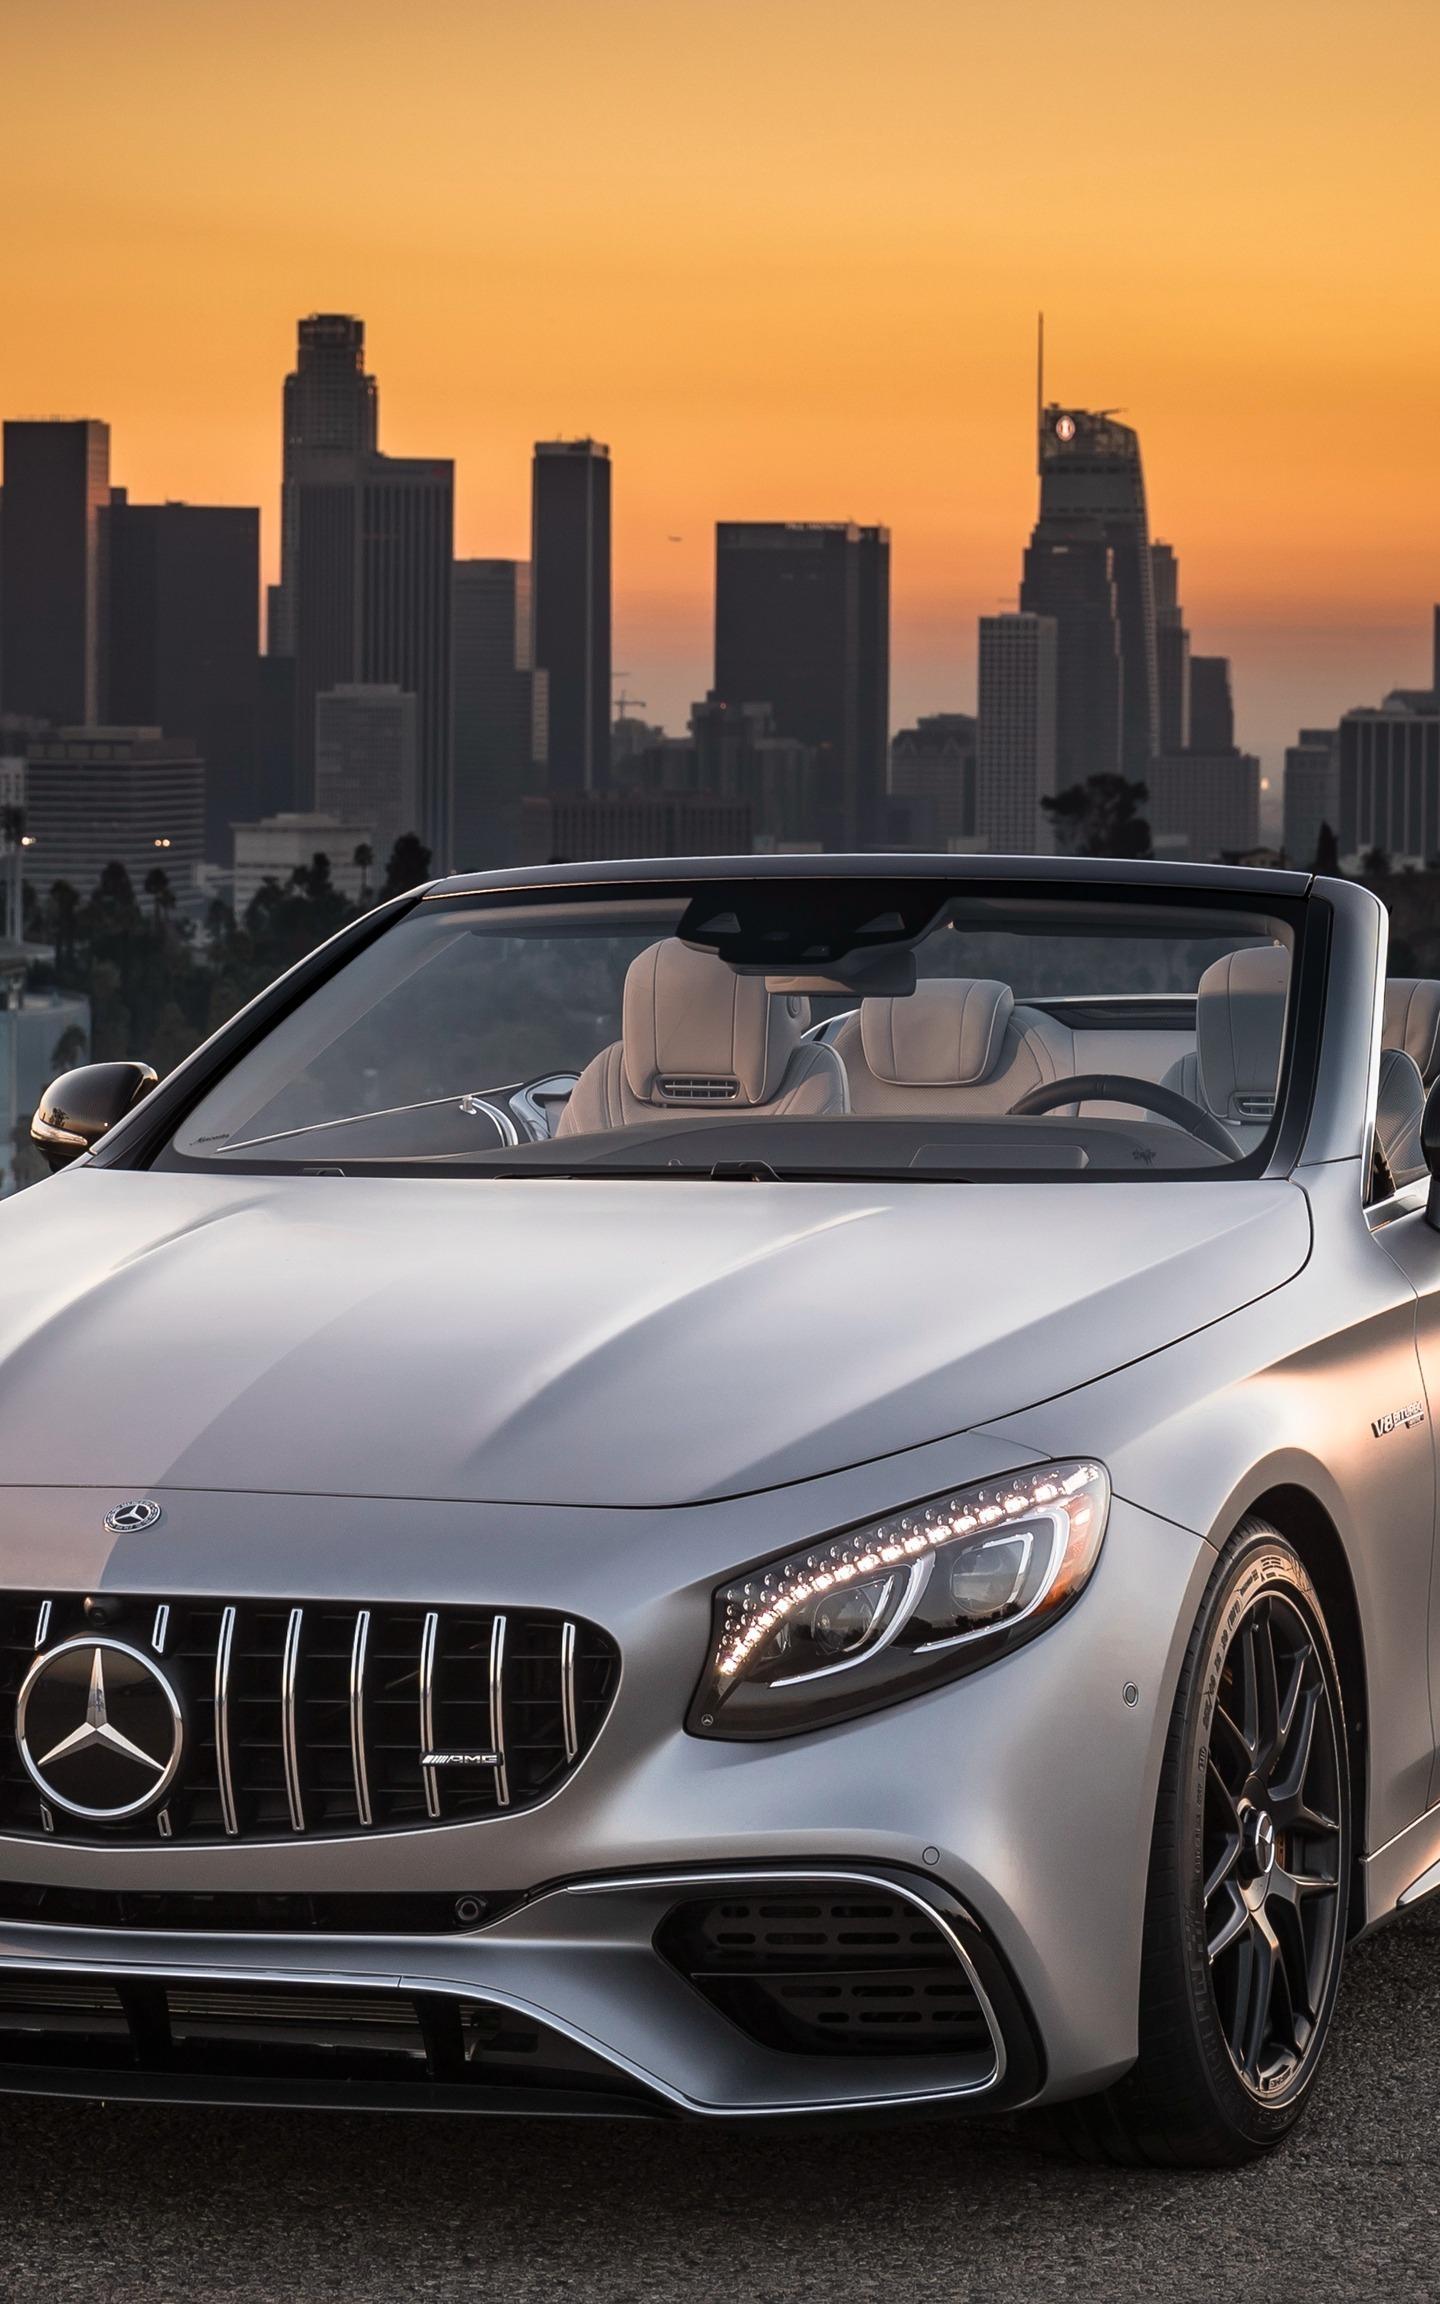 Mercedes-AMG S63 4MATIC Cabriolet, sports car, 1440x2630 wallpaper